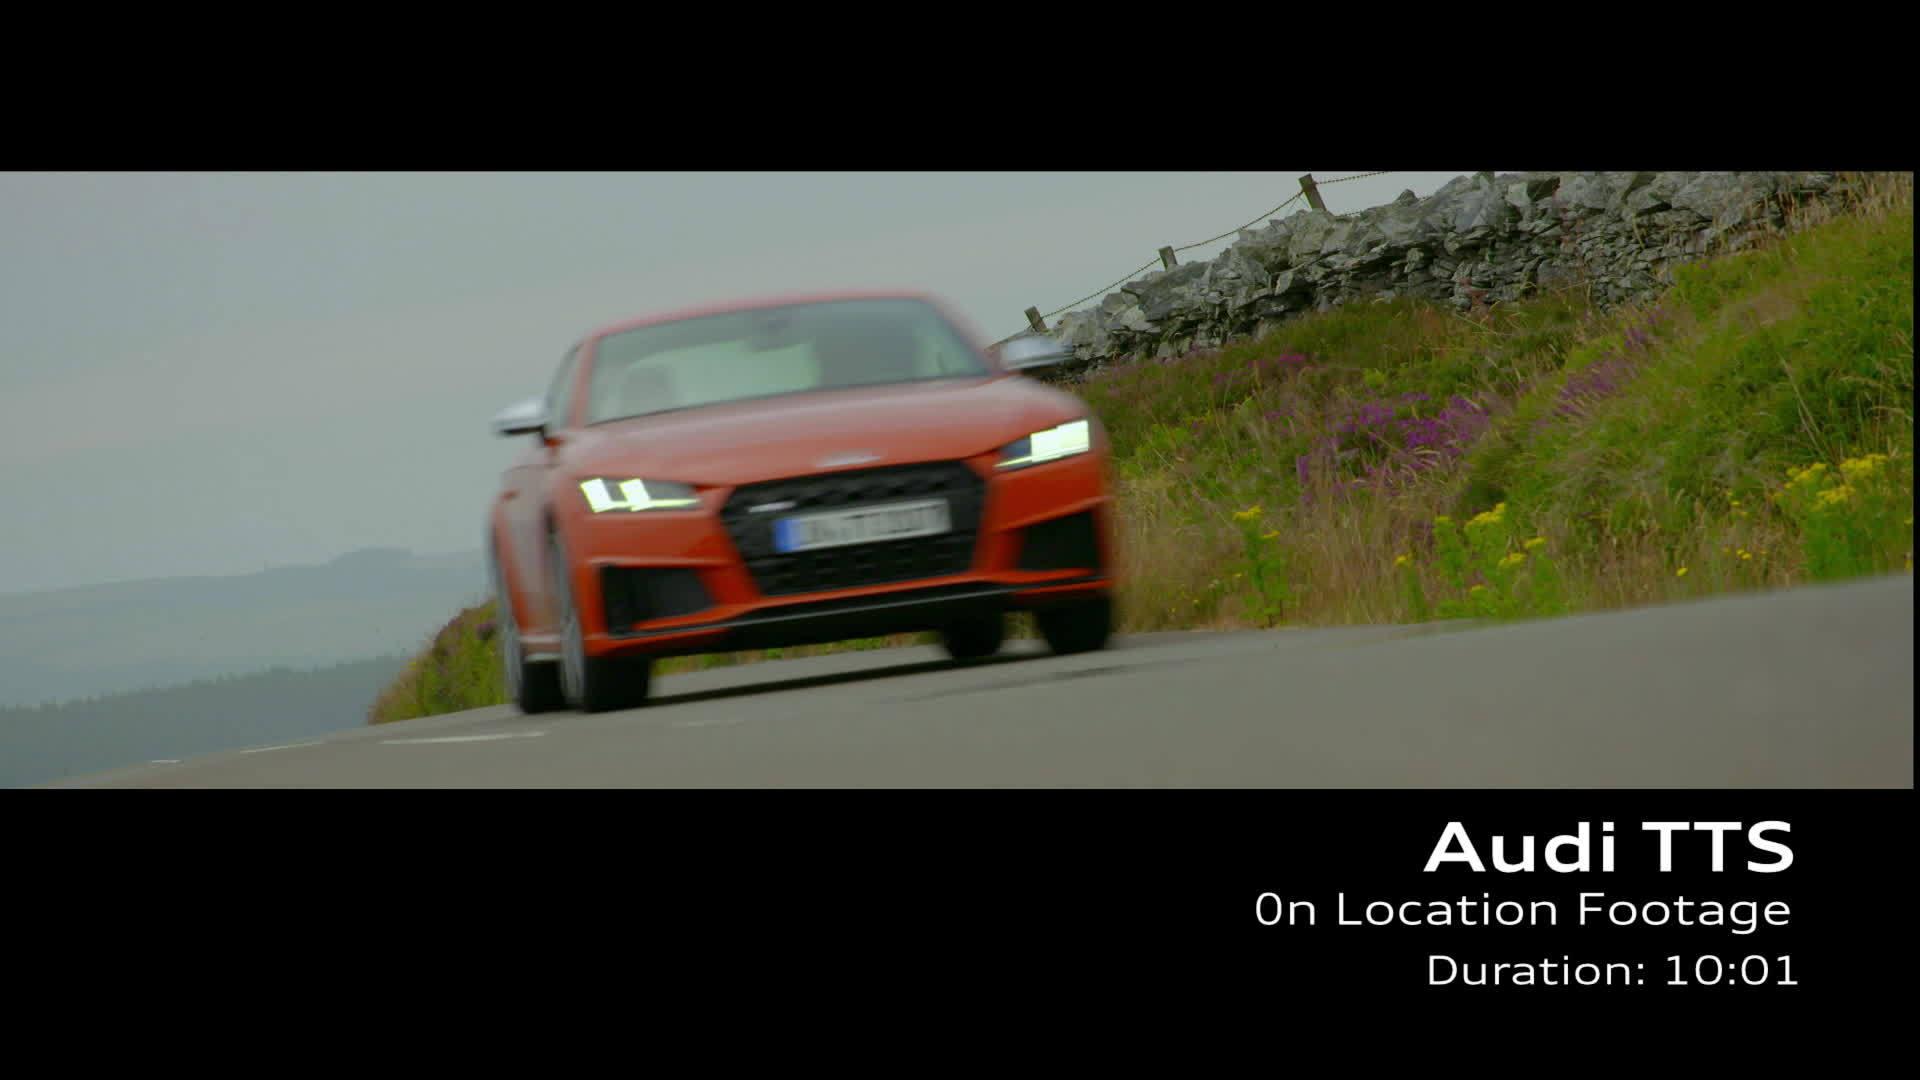 Audi TTS Footage Pulsorange